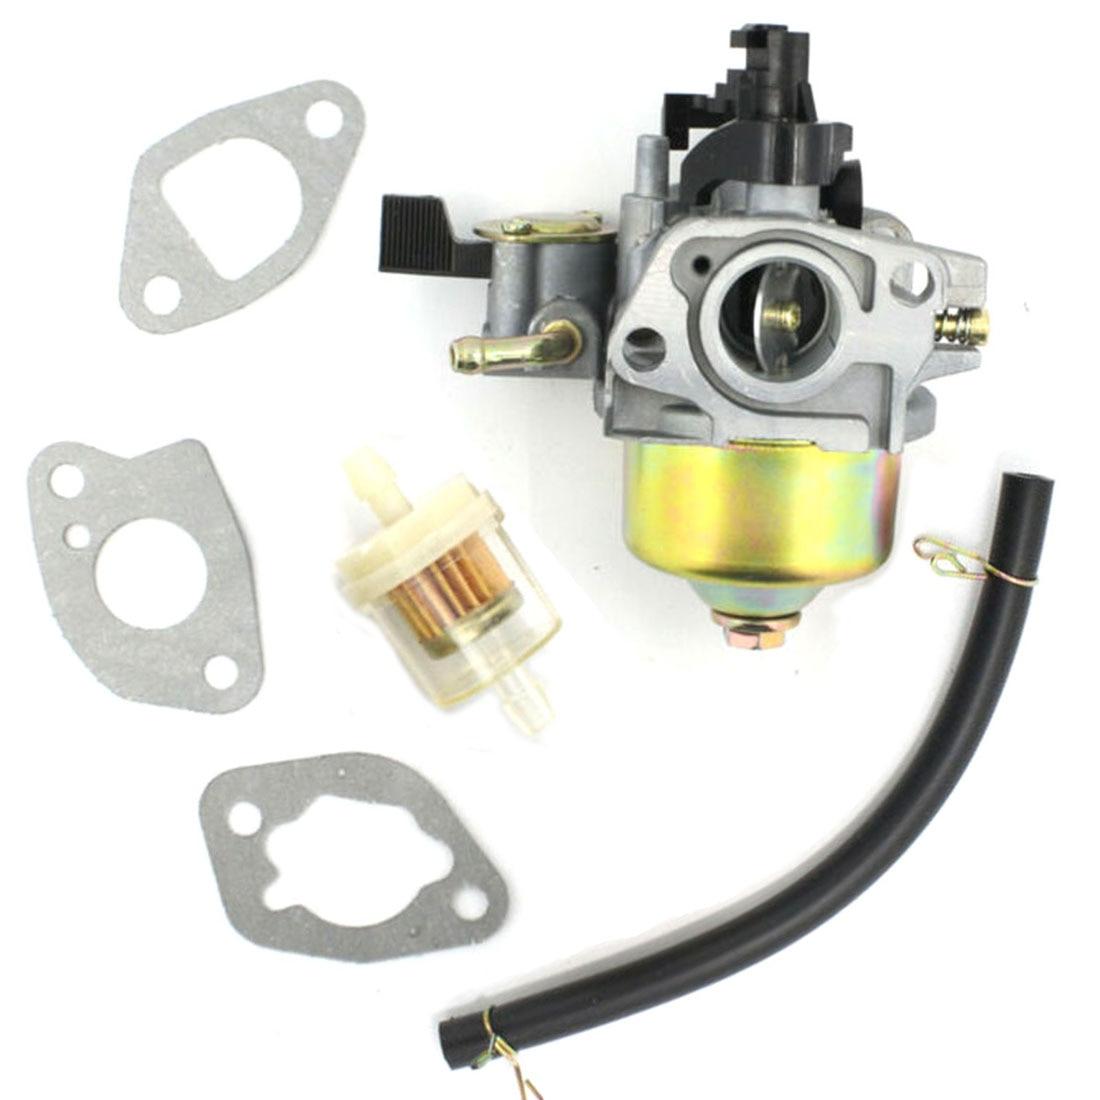 Carburetor For Honda GXV120 GXV140 GXV160 HR194 HR214 HRA214 HR215 HR216 Carb Durable And Practical Carburetor